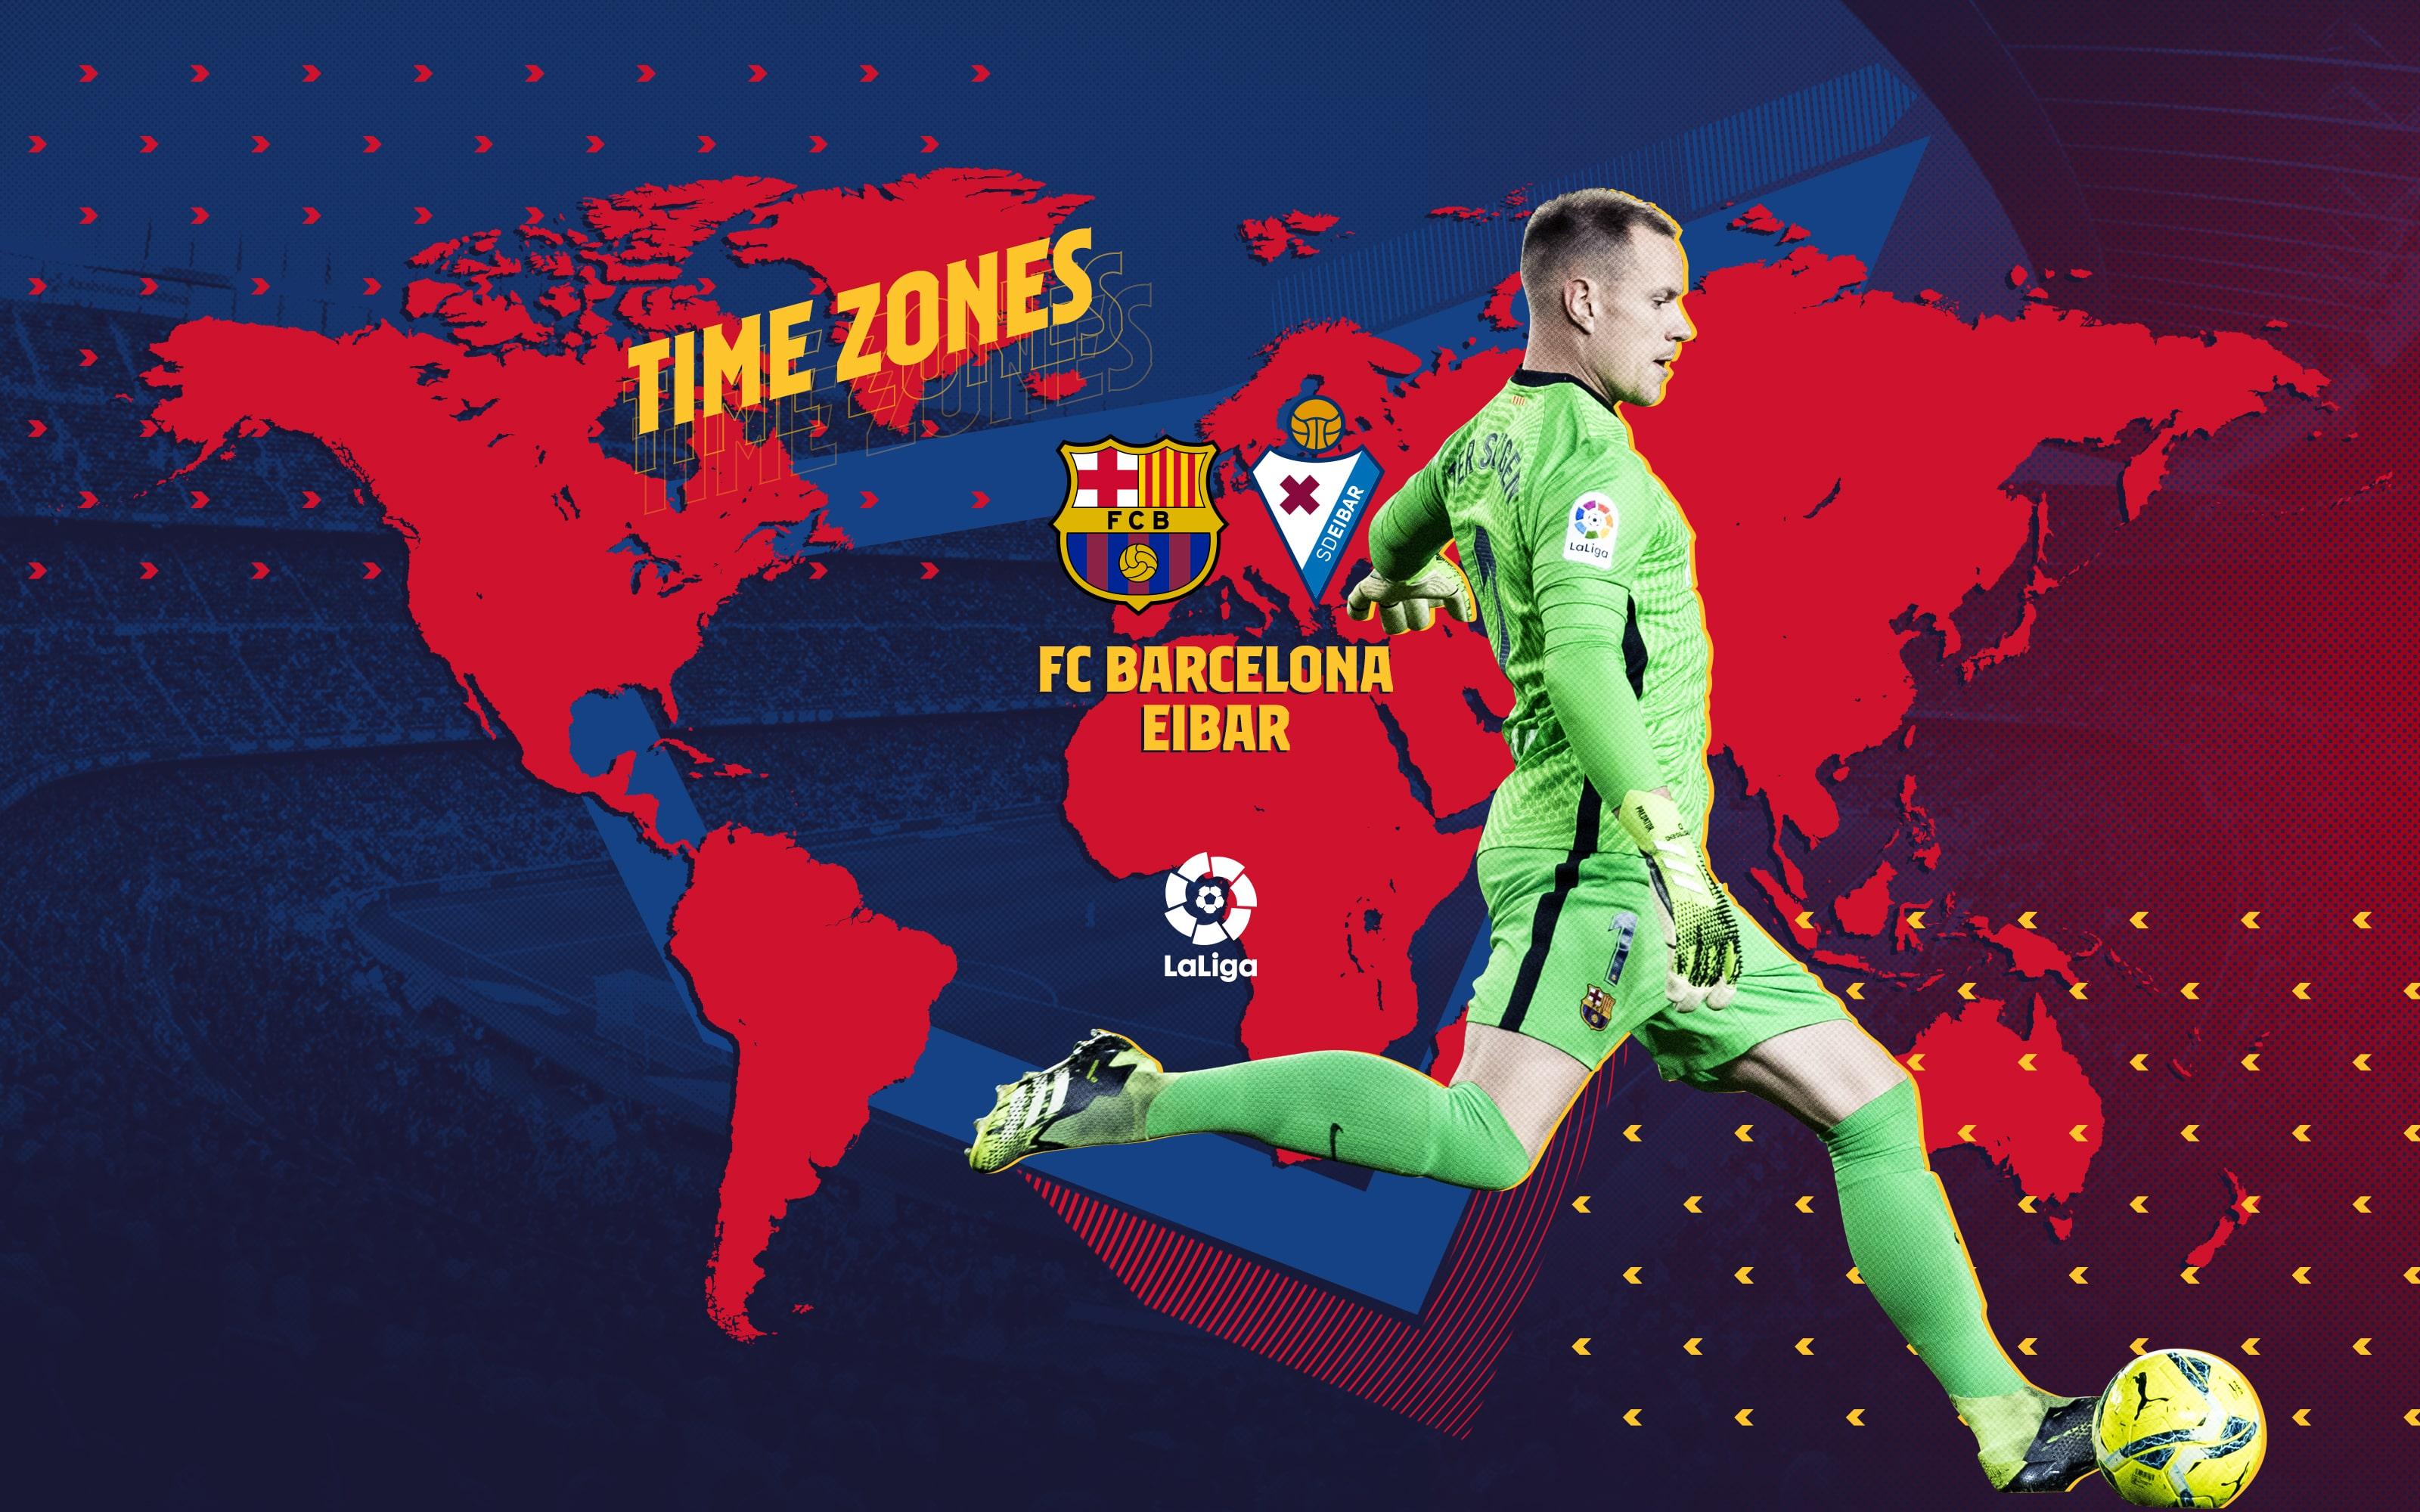 Πότε και πού να παρακολουθήσετε FC Barcelona v Eibar